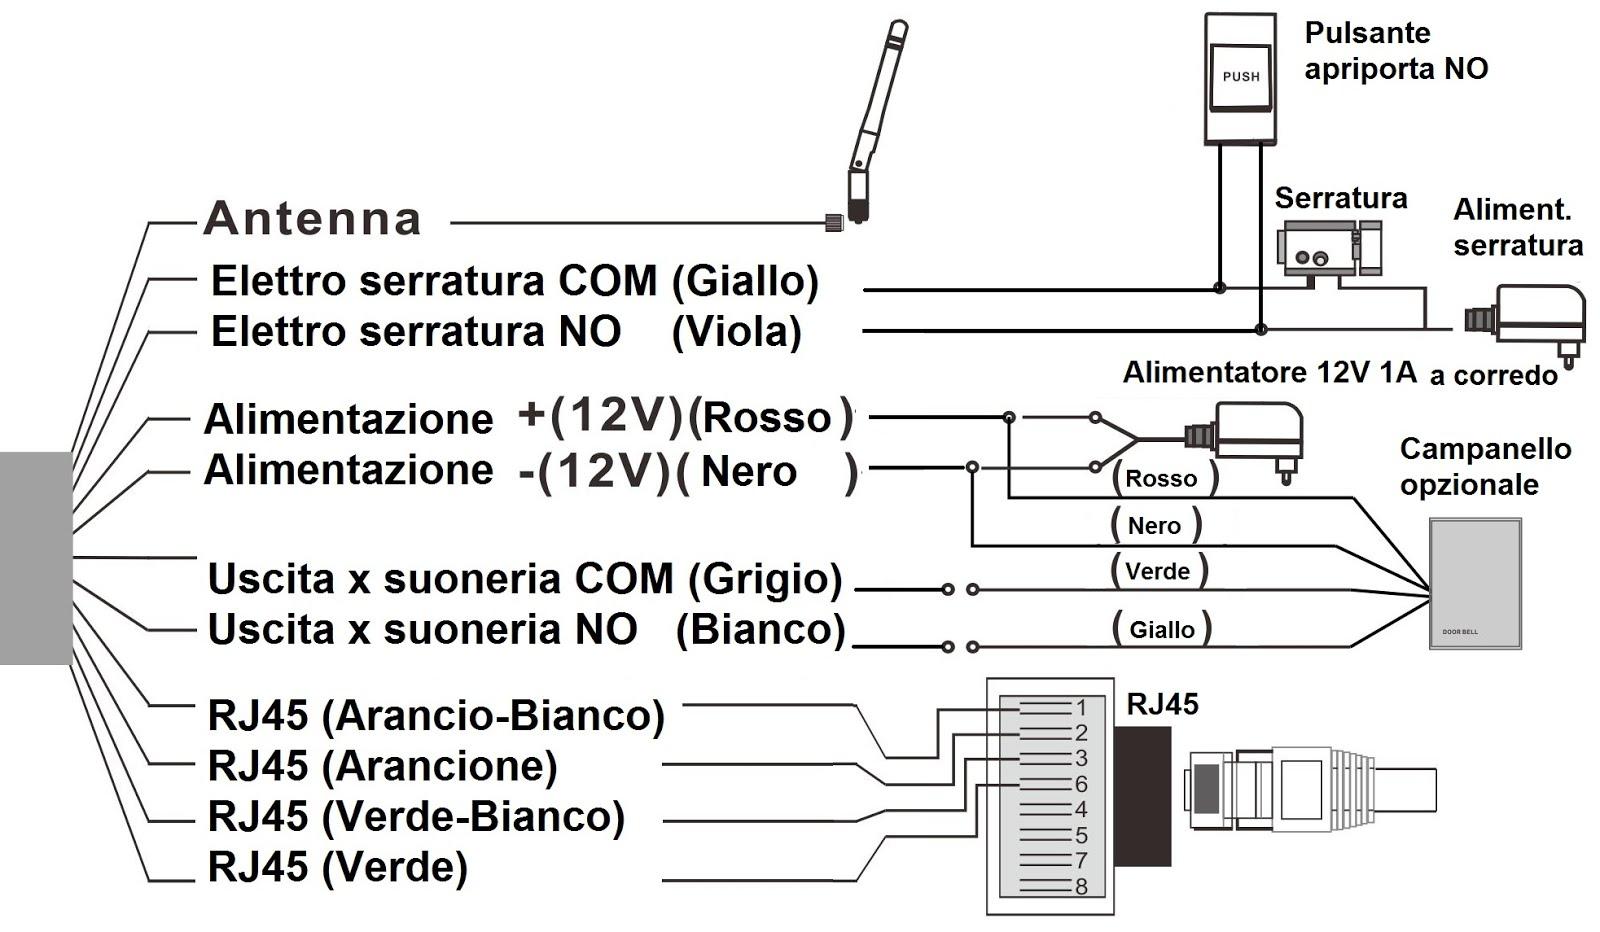 Schema Collegamento Eolo : Schema collegamento router eolo senza